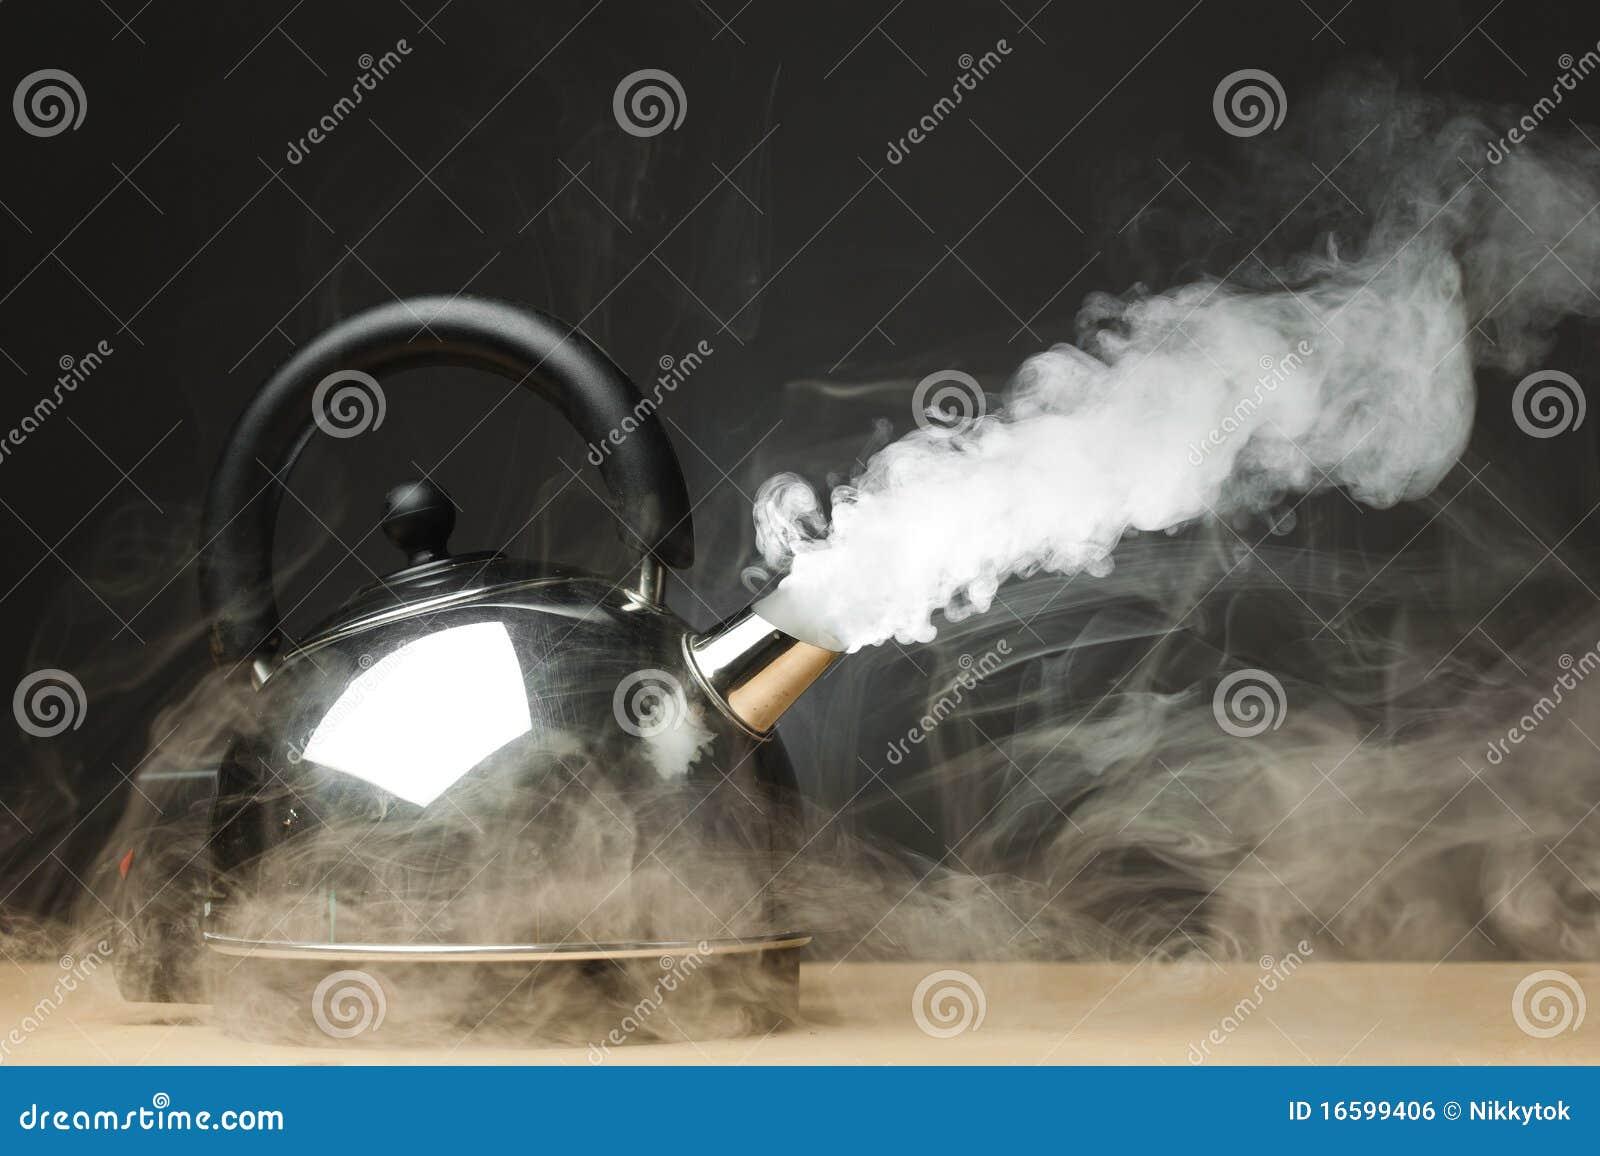 Kochender Kessel stockfoto. Bild von metall, nichtrostend - 16599406